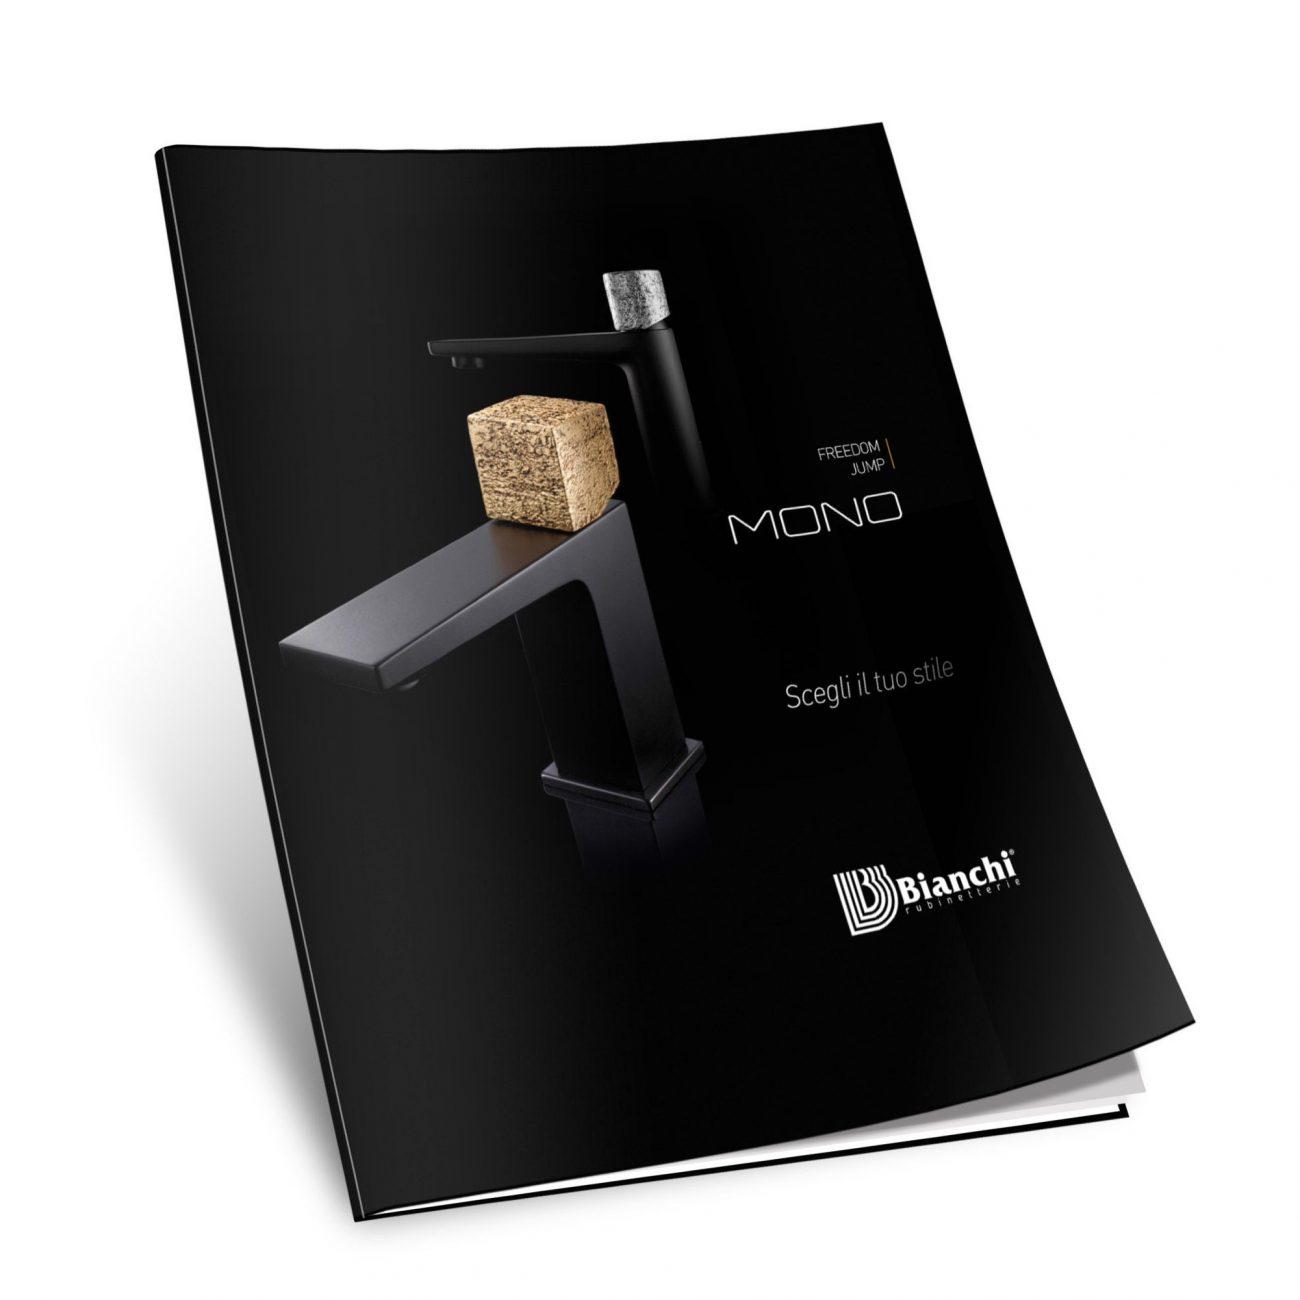 Creatività brochure completa (shooting prodotti, concept, ritocchi cromatici e scontorni immagini, prove cromatiche ed esecutivi)